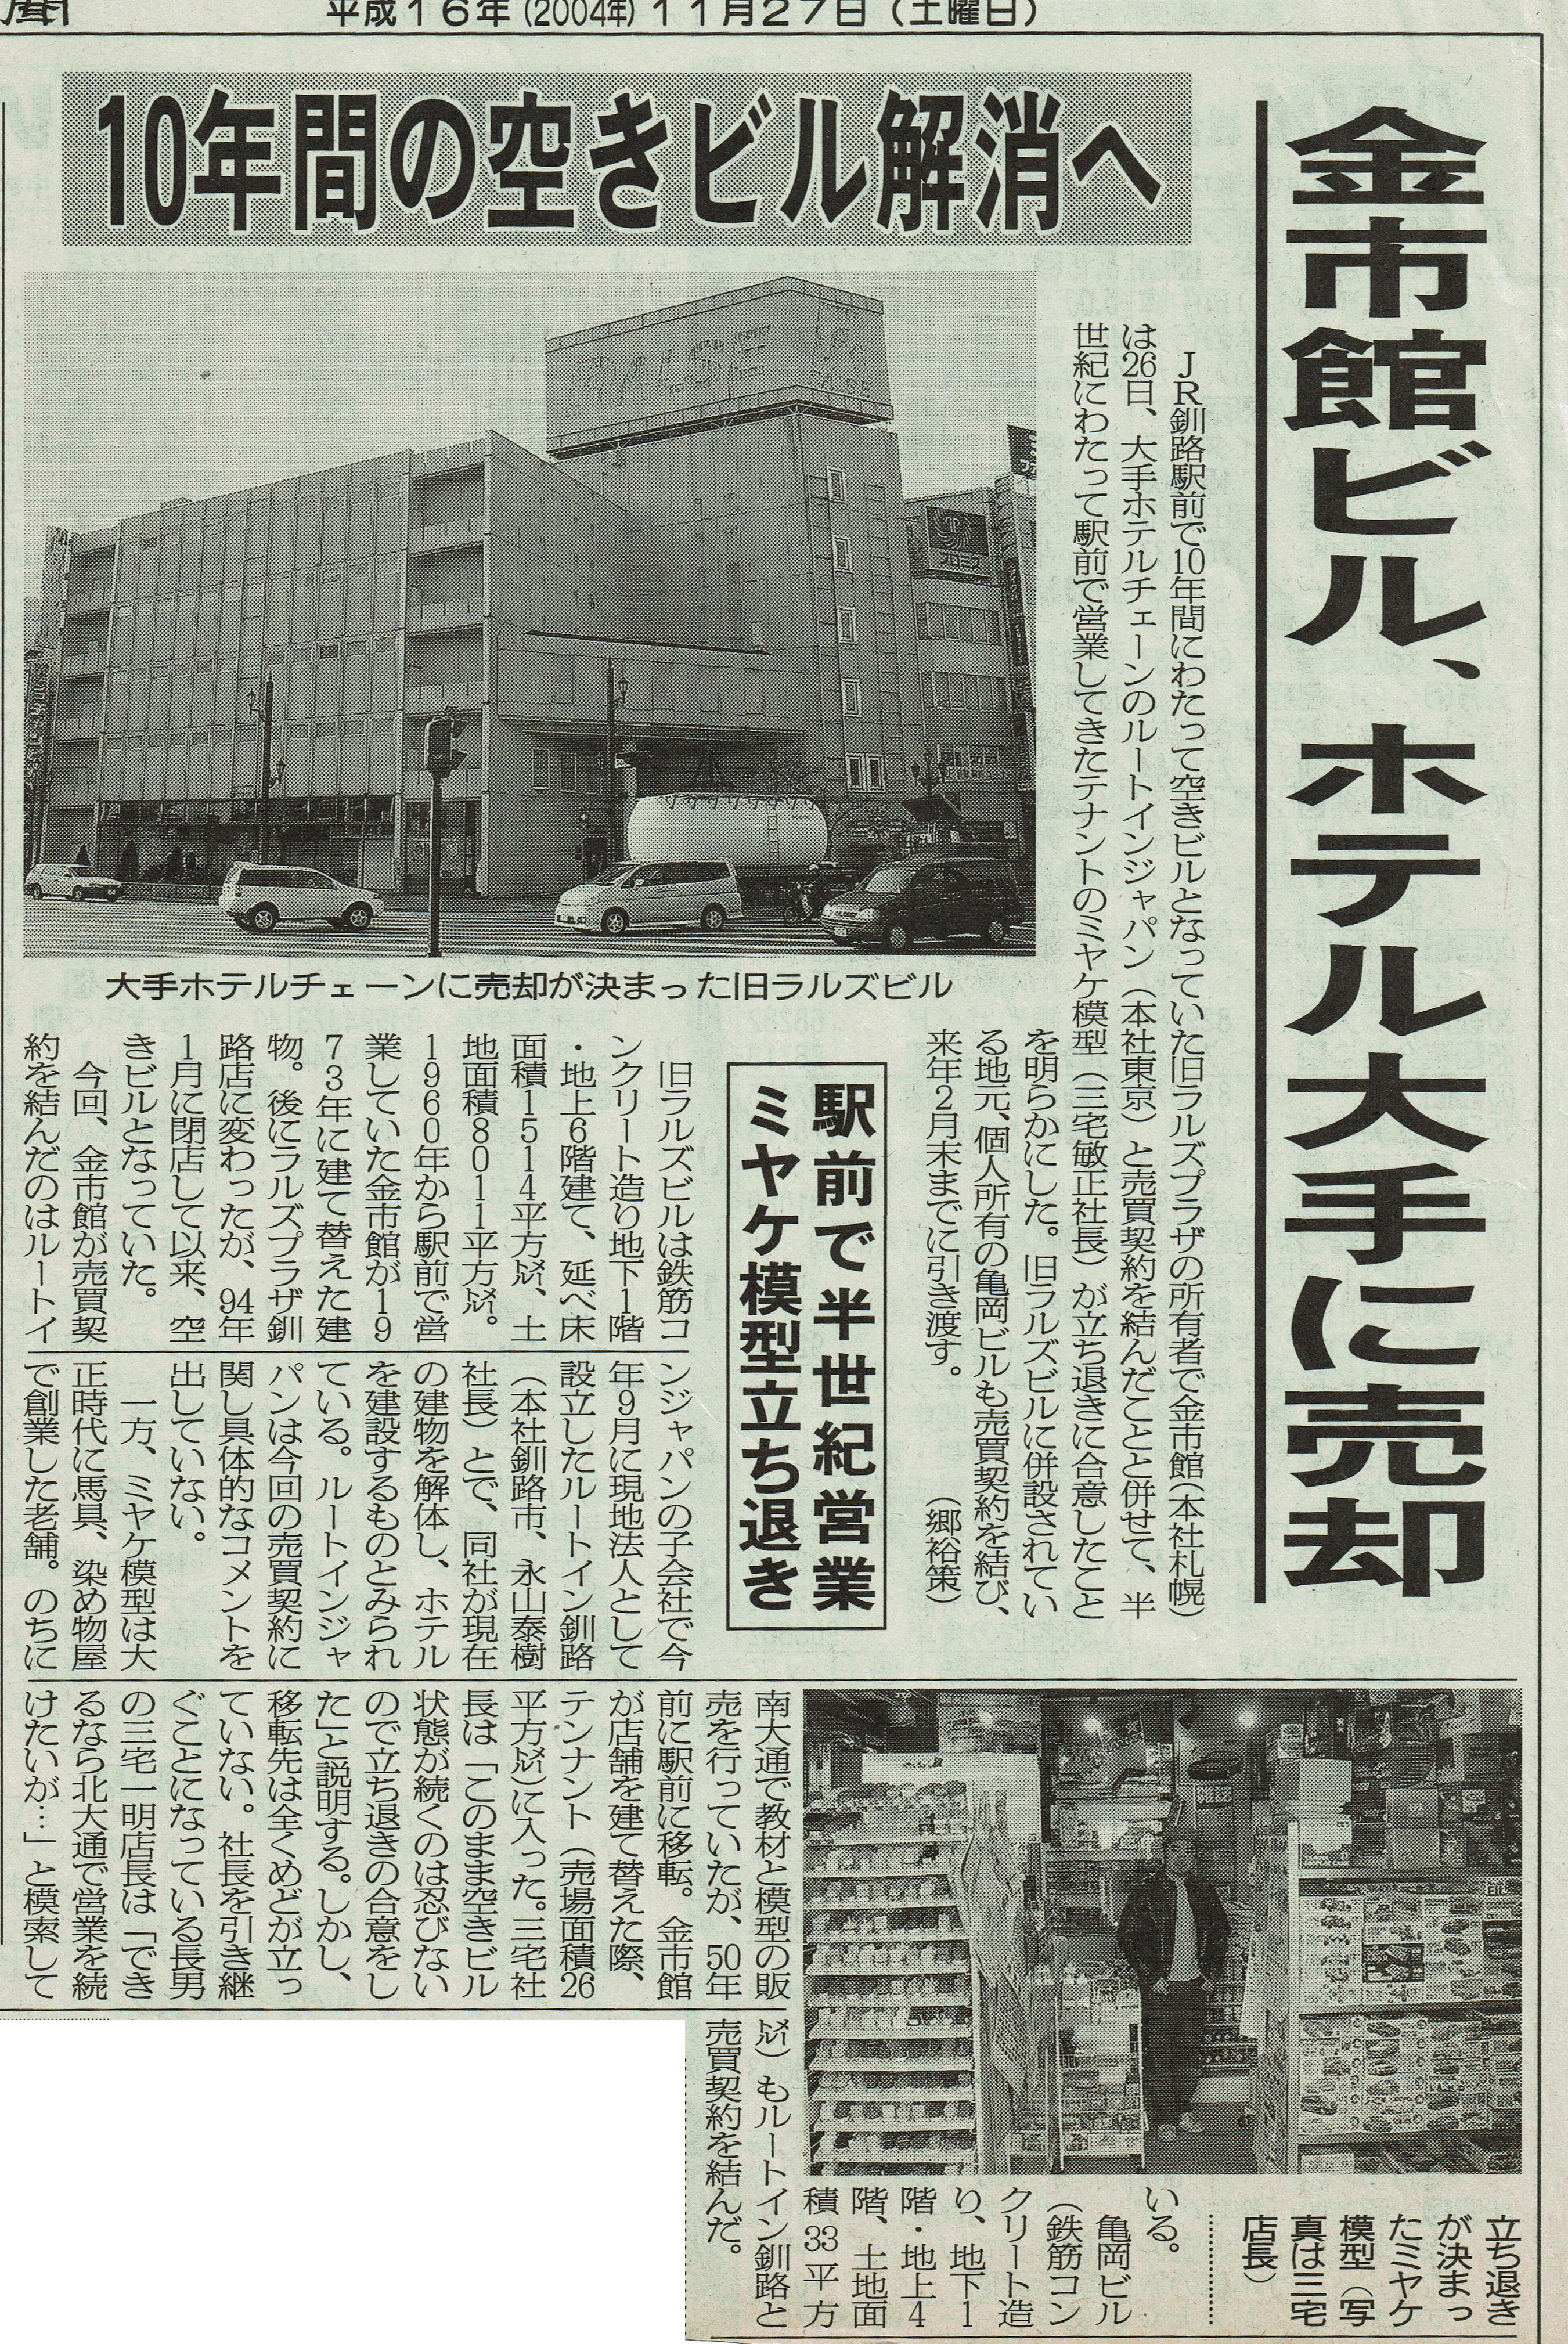 2004-11-27釧路新聞